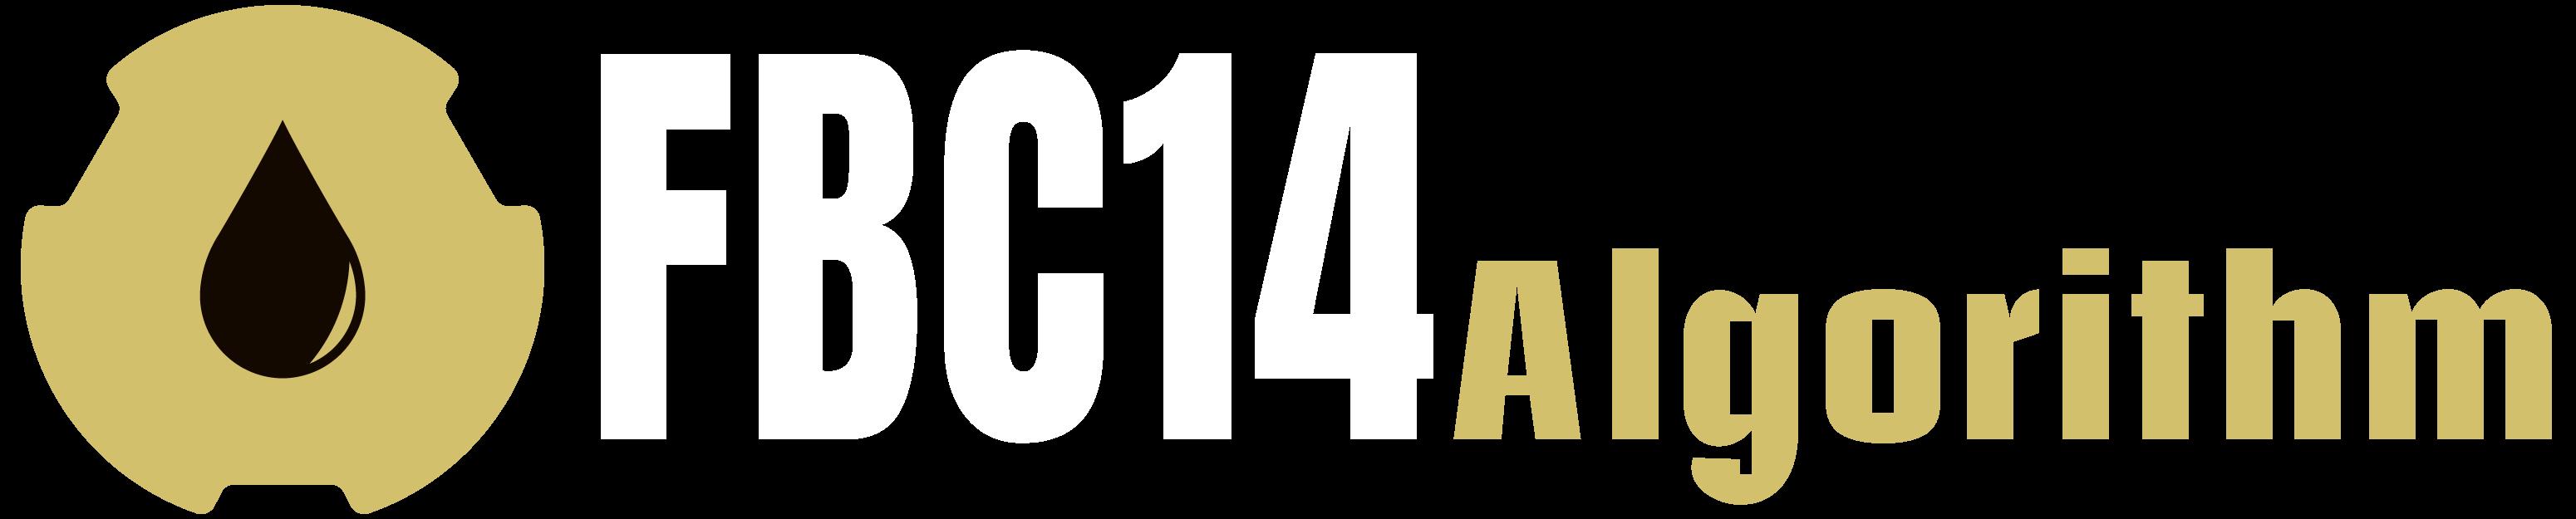 fbc14